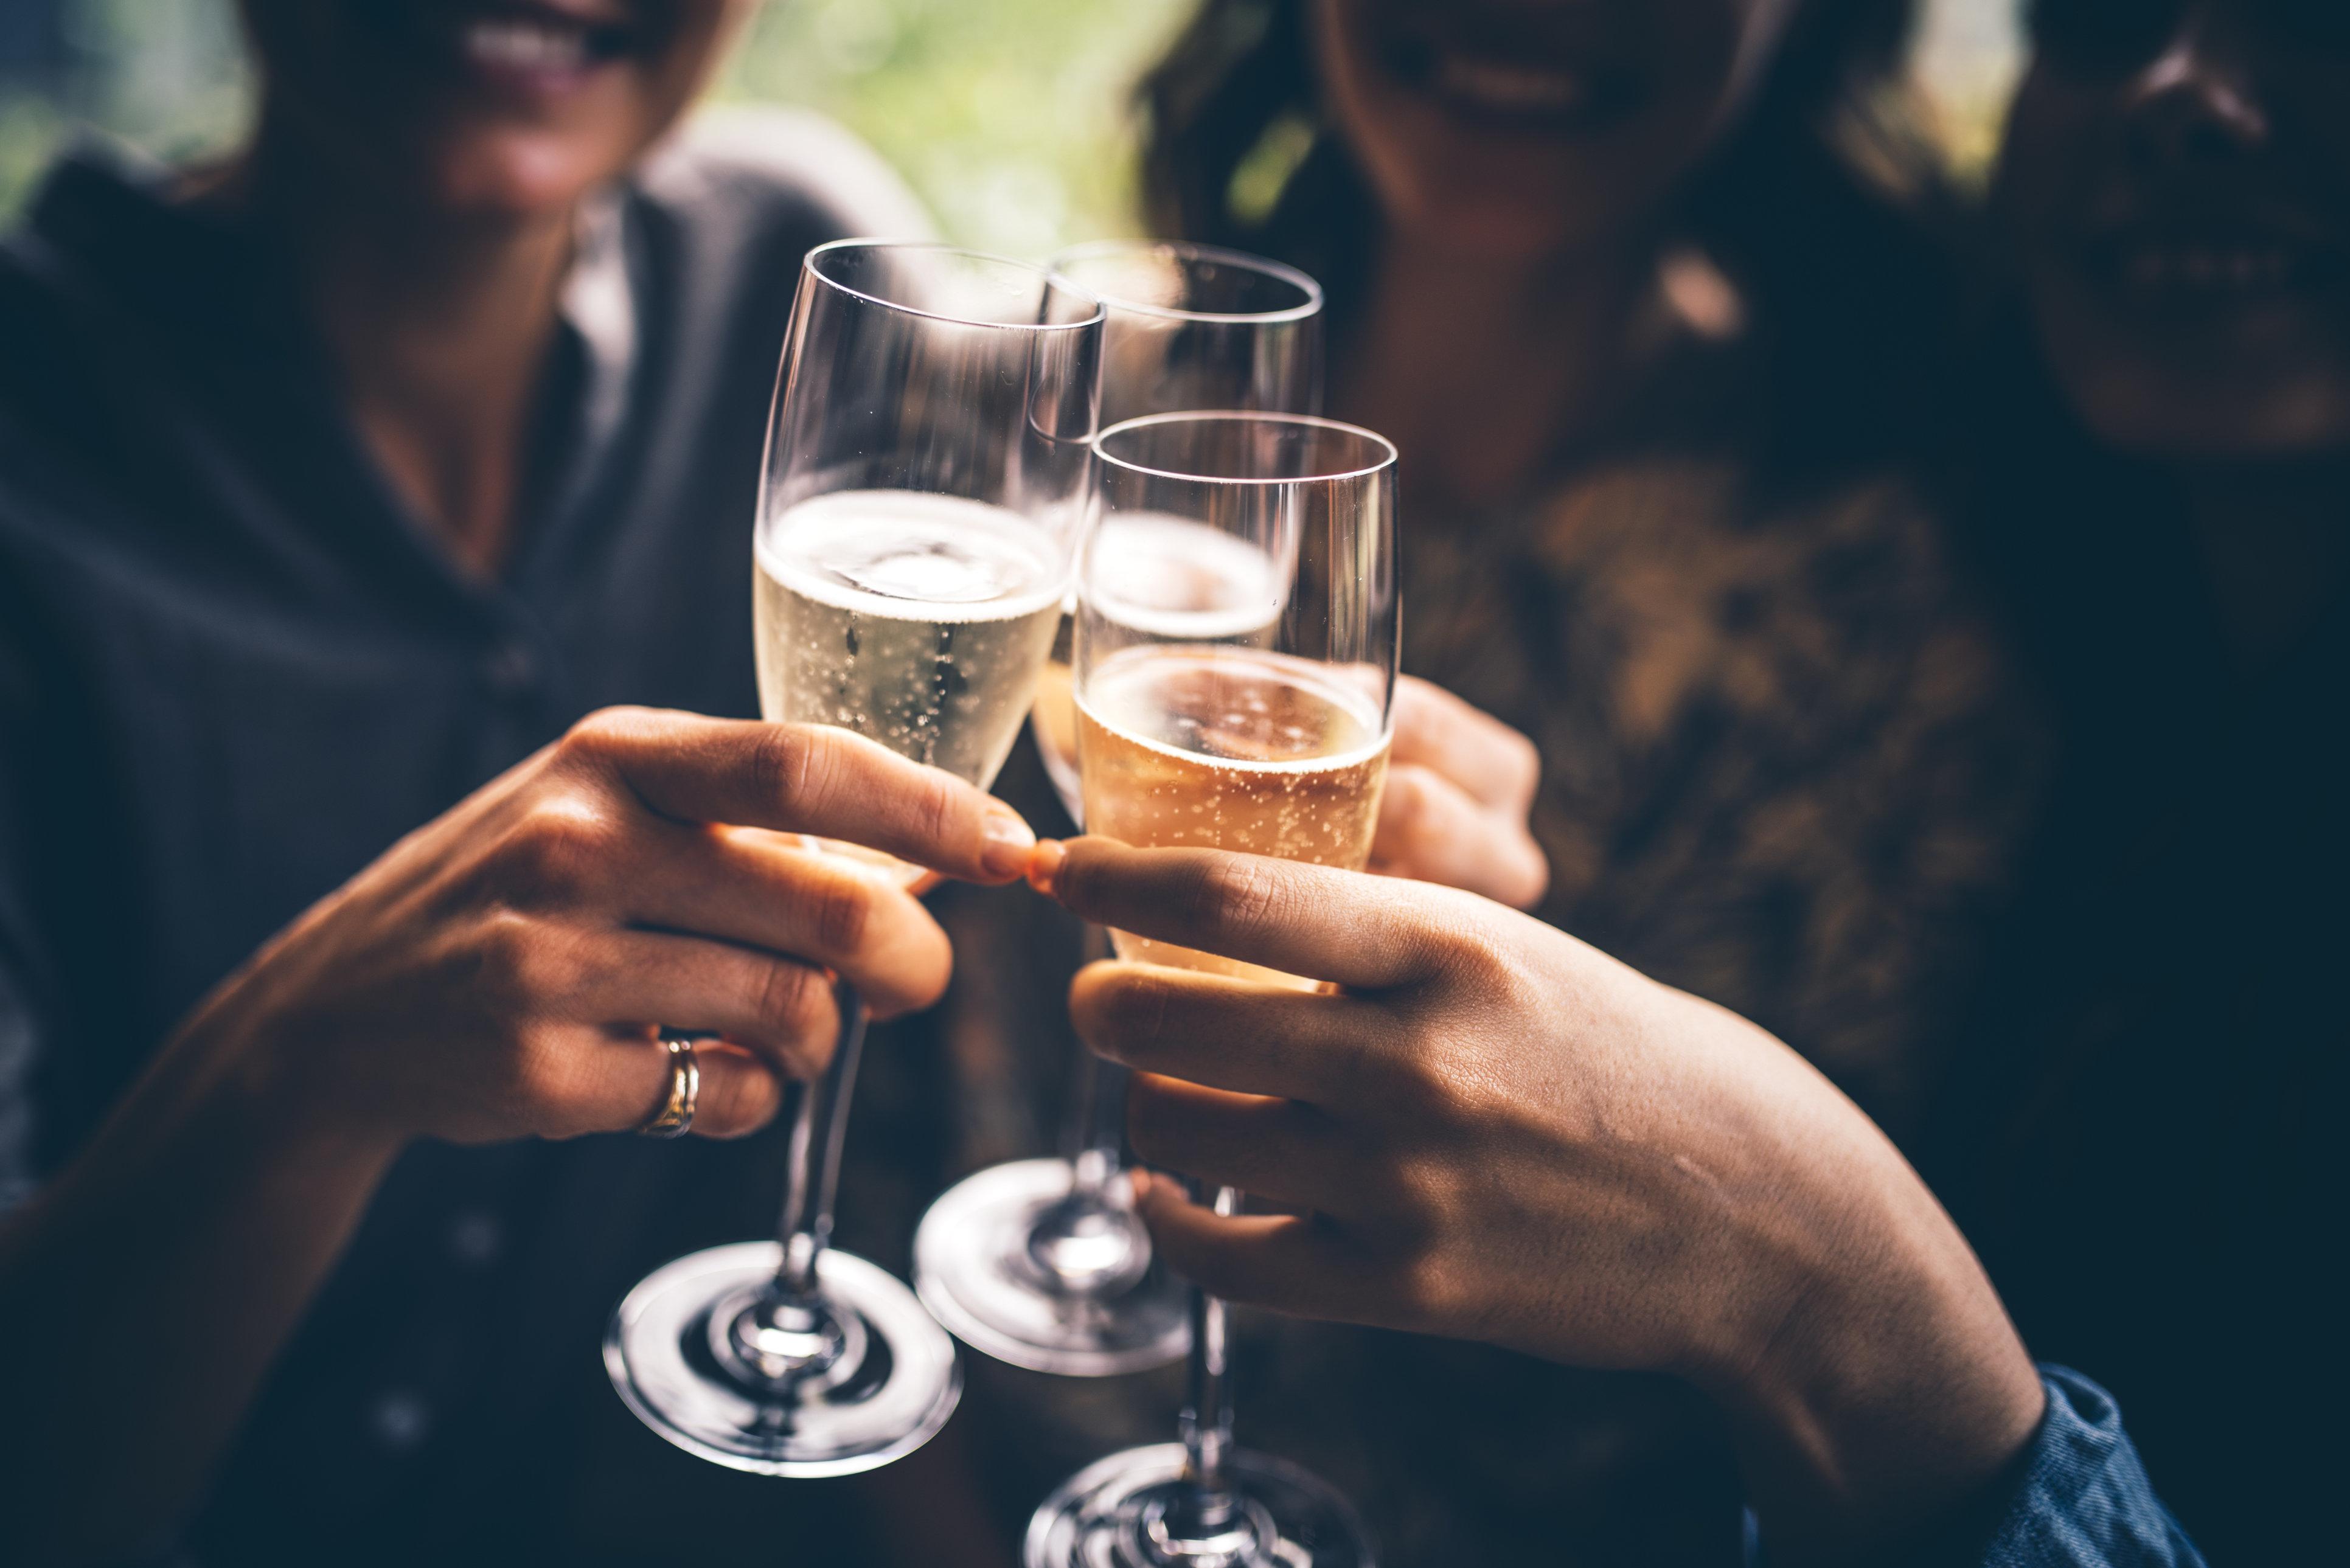 Champagner, Pelz und Verachtung - was ich bei einer Benefizveranstaltung im Golfclub erlebt